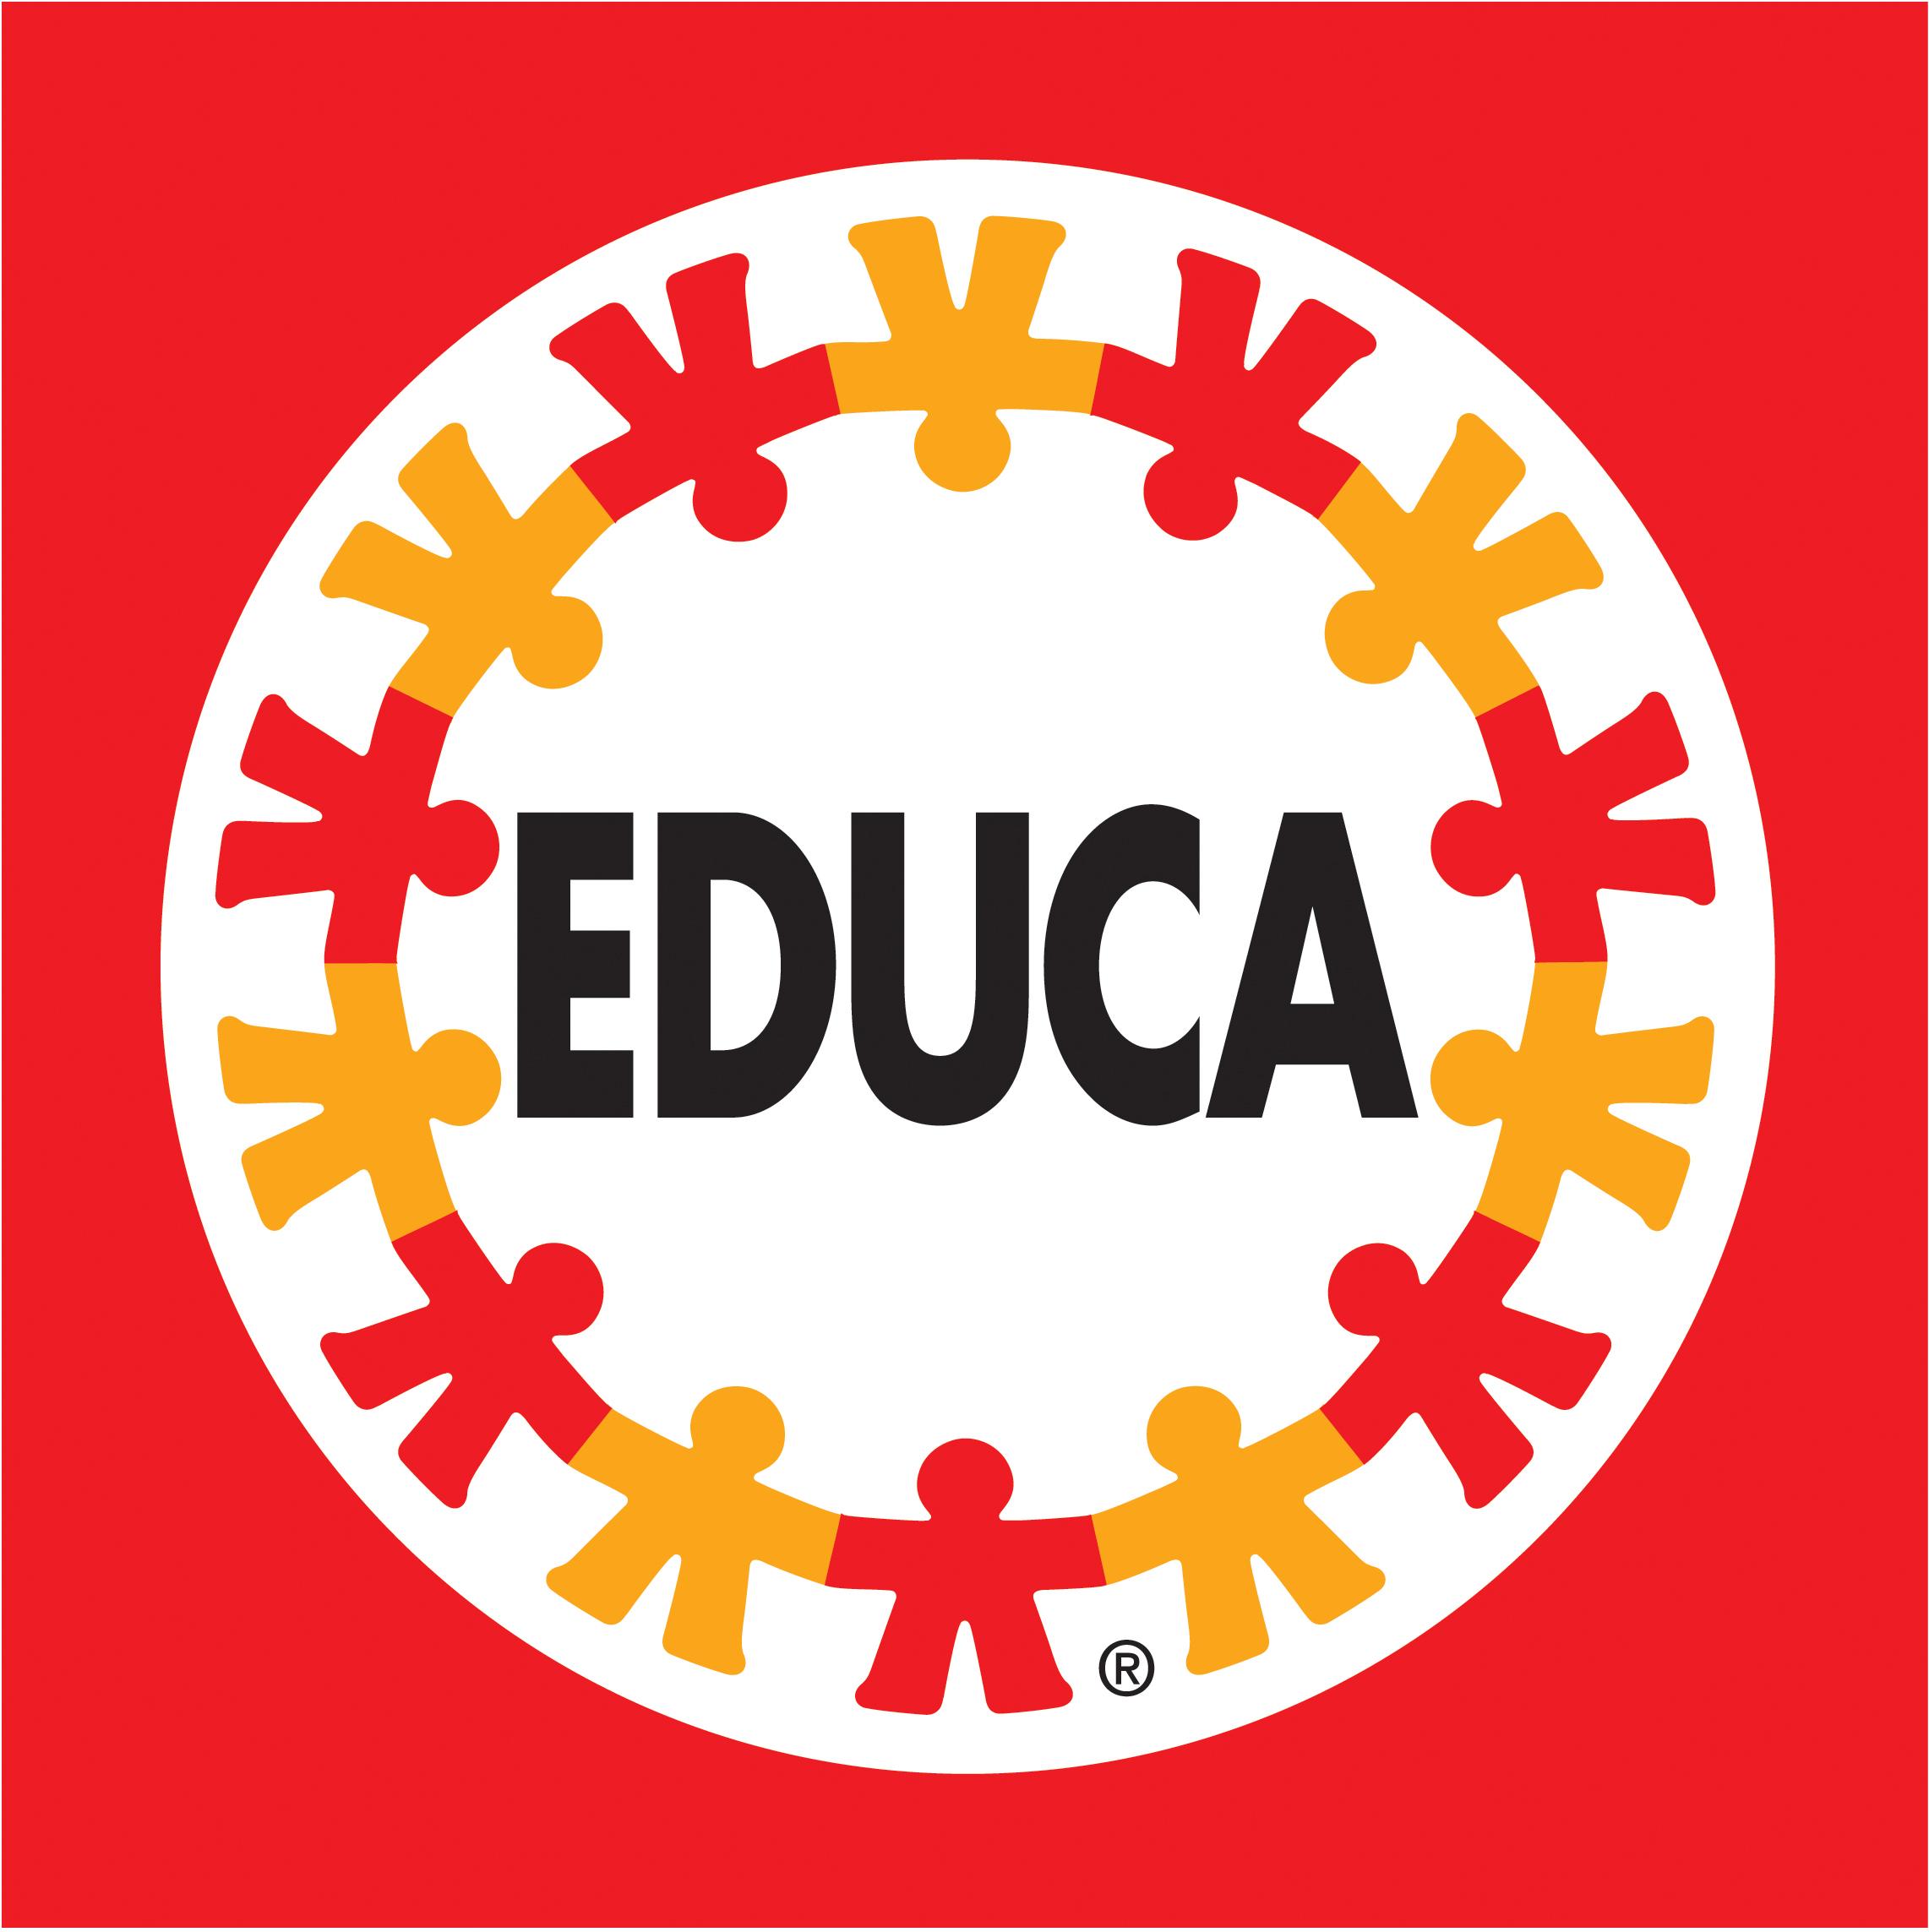 """Résultat de recherche d'images pour """"educa logo"""""""